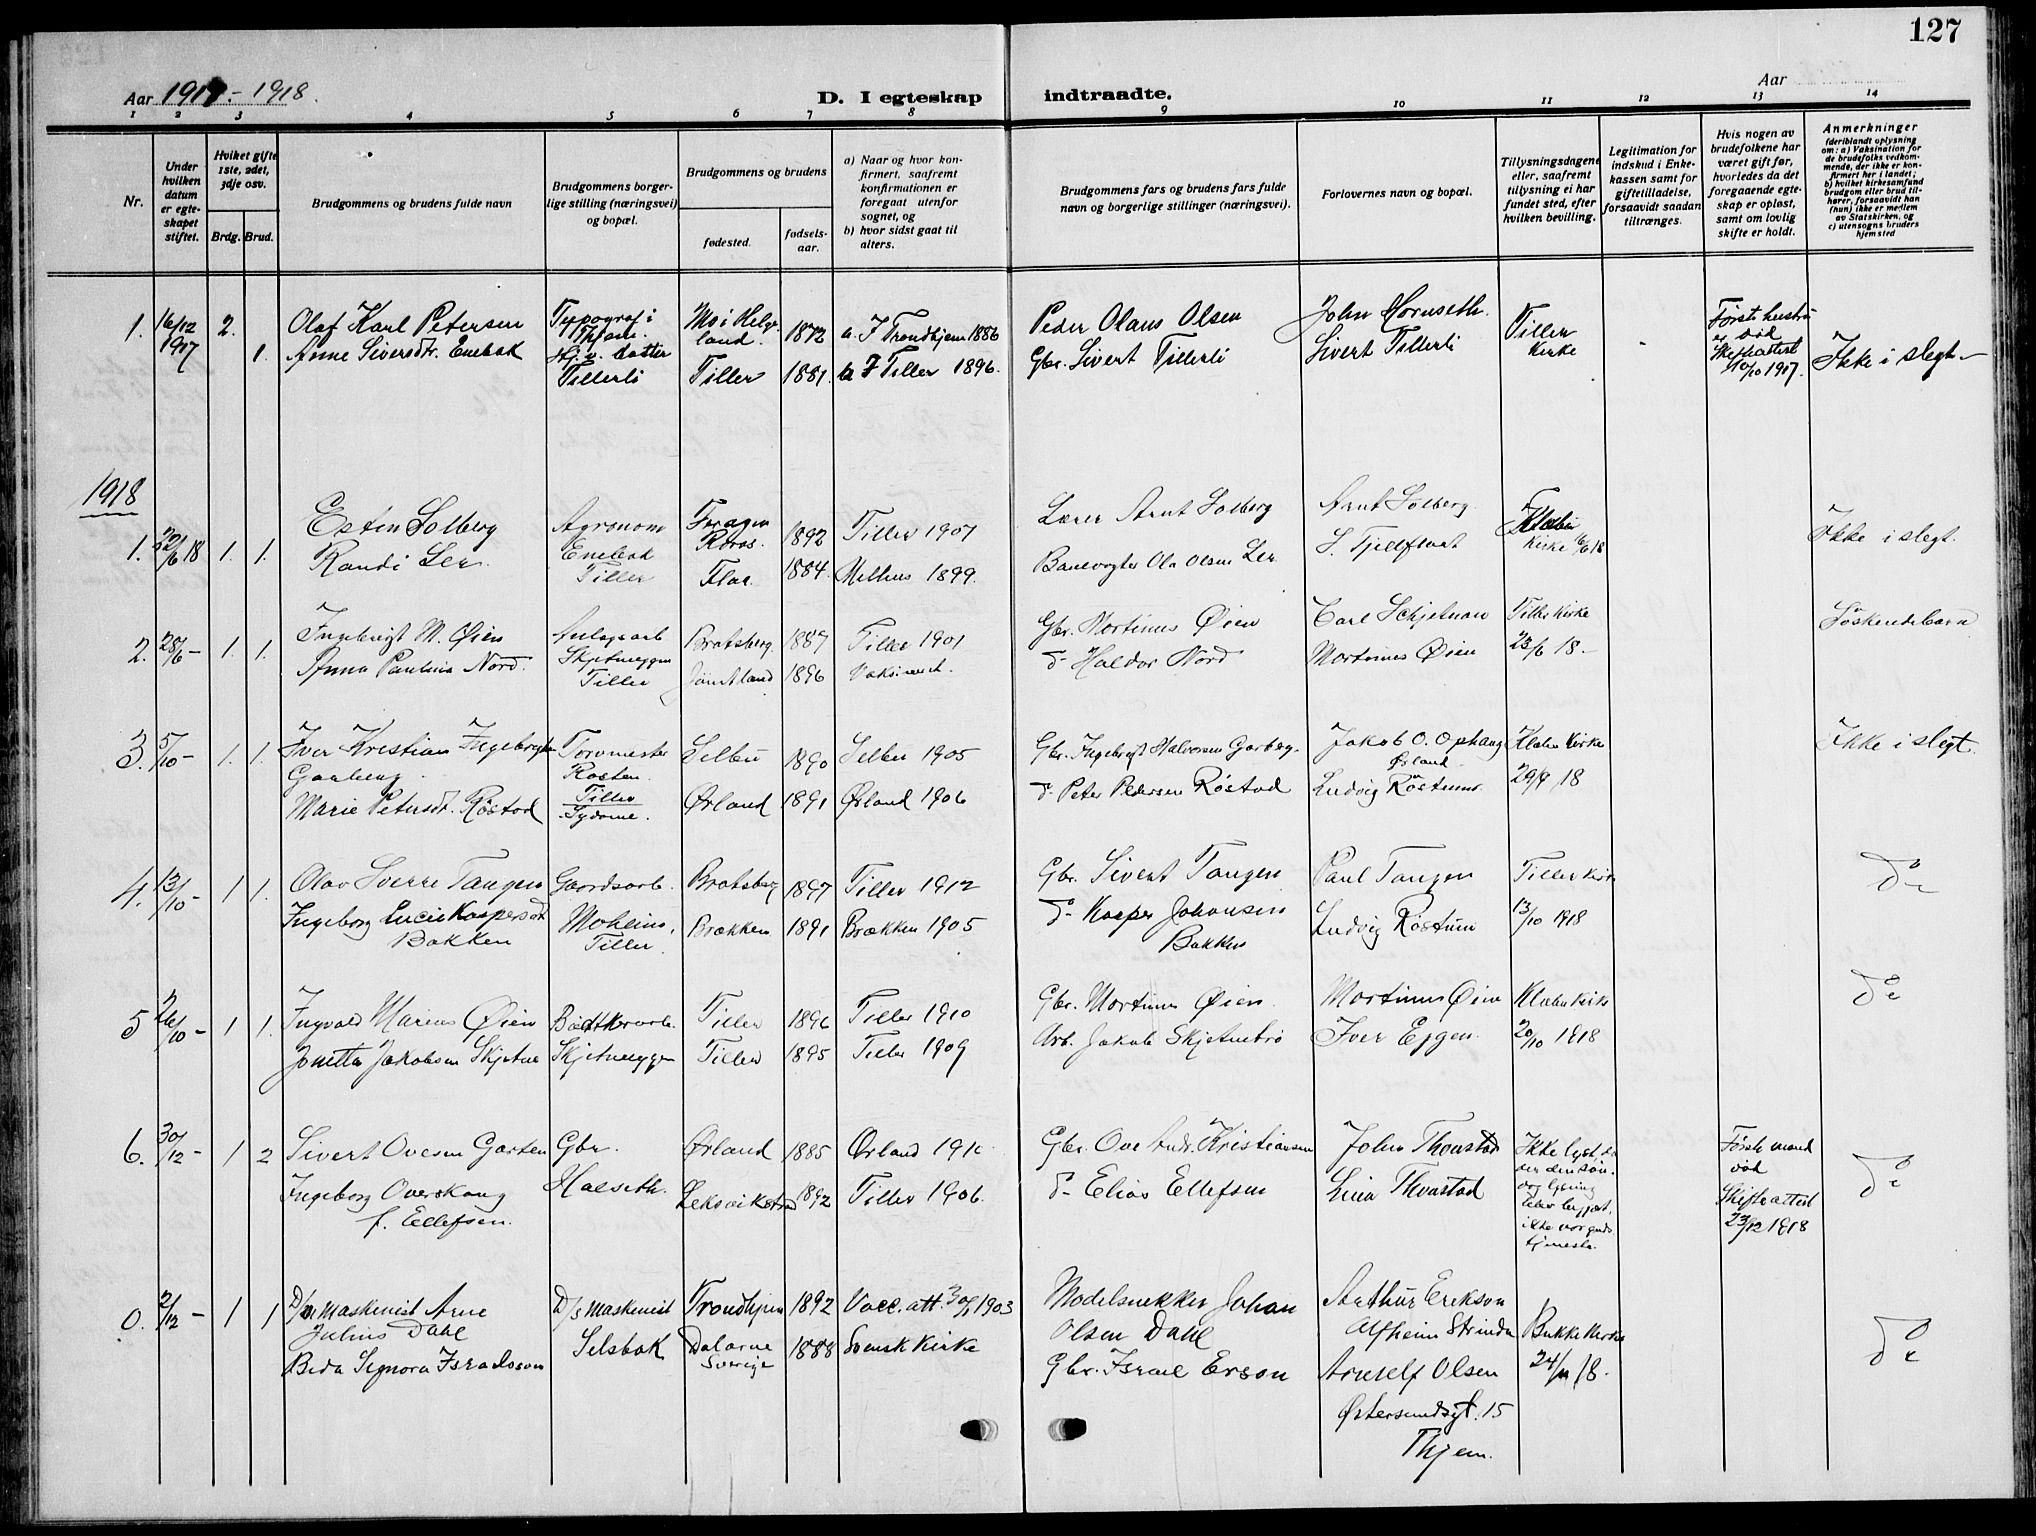 SAT, Ministerialprotokoller, klokkerbøker og fødselsregistre - Sør-Trøndelag, 621/L0462: Klokkerbok nr. 621C05, 1915-1945, s. 127